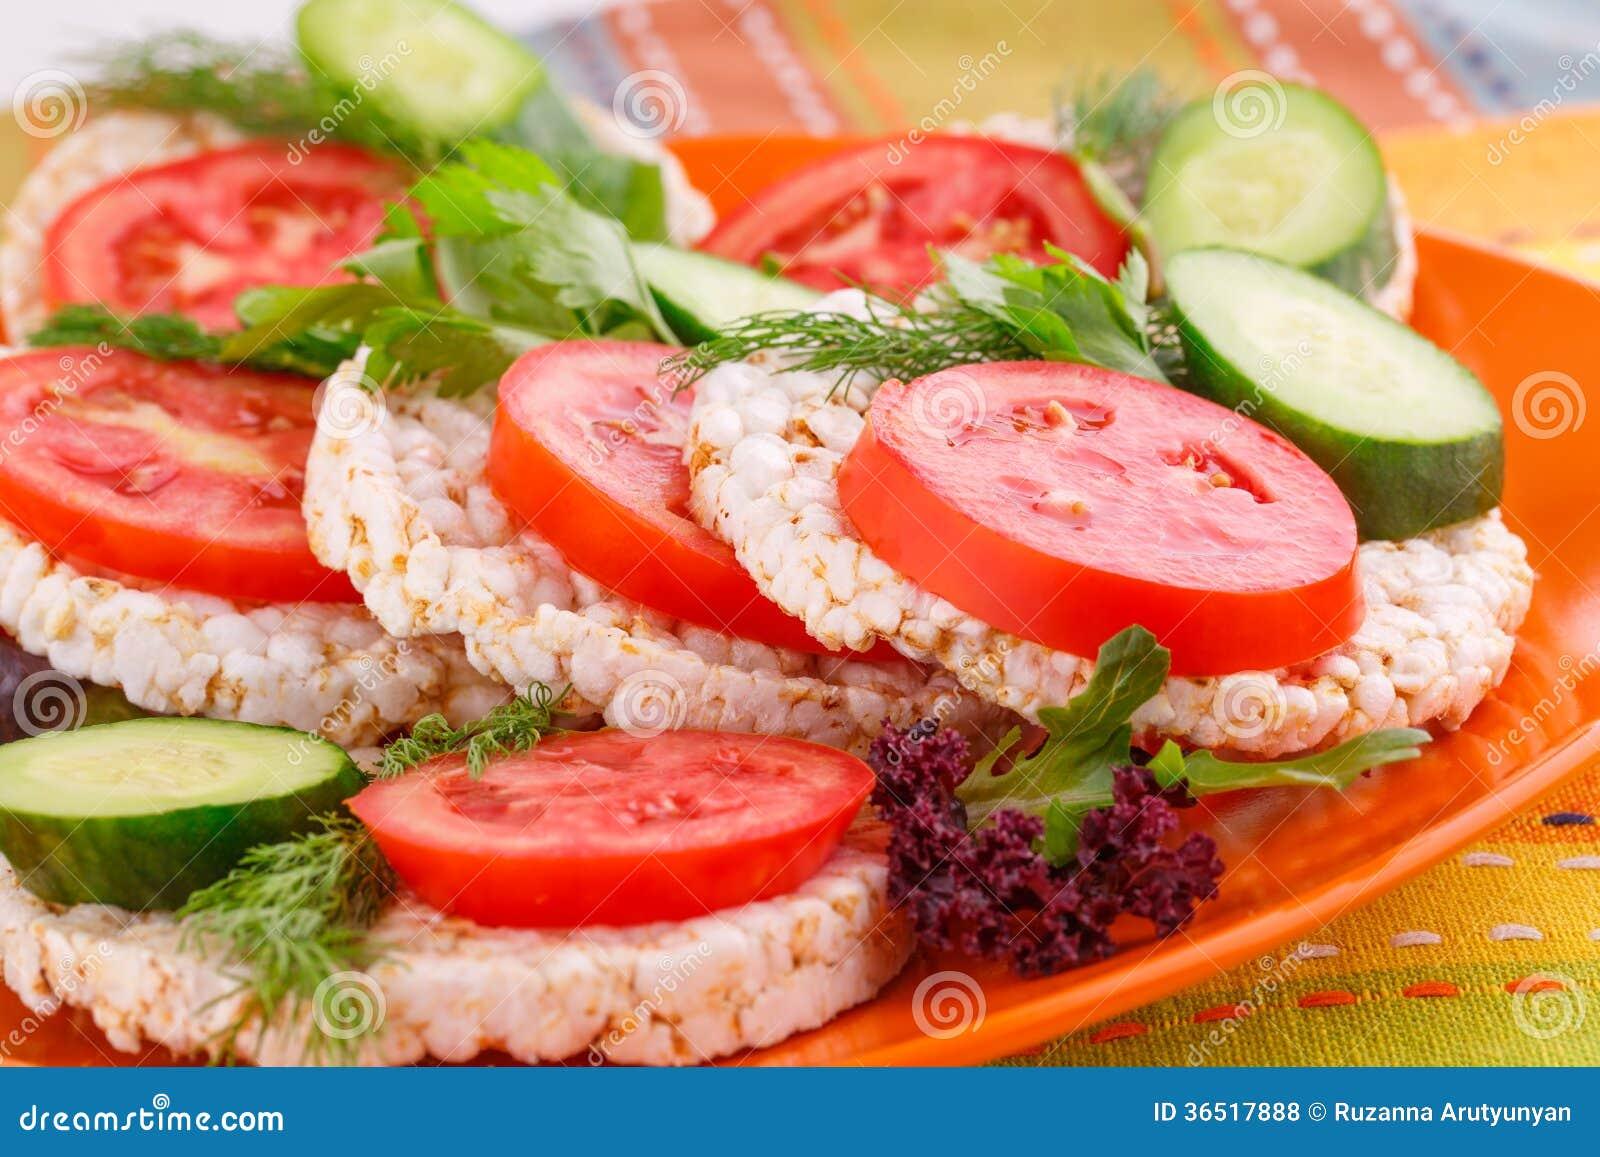 Сопенные сандвичи шутих риса